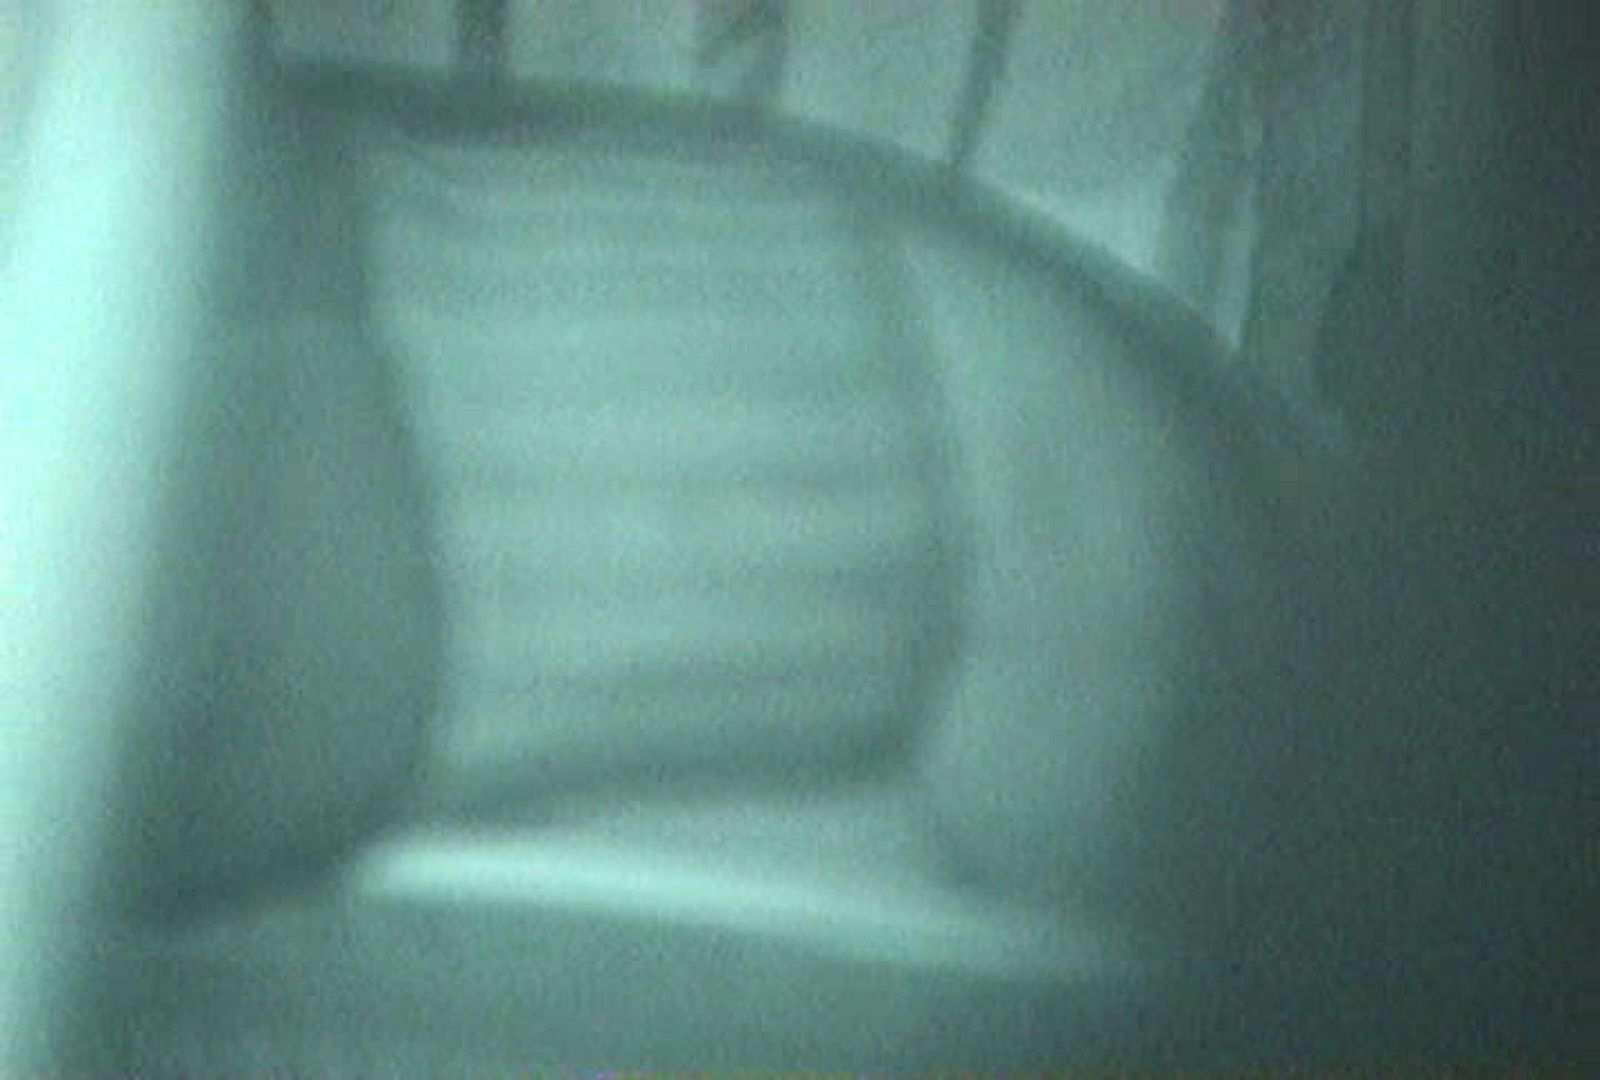 充血監督の深夜の運動会Vol.112 セックス 性交動画流出 85pic 3